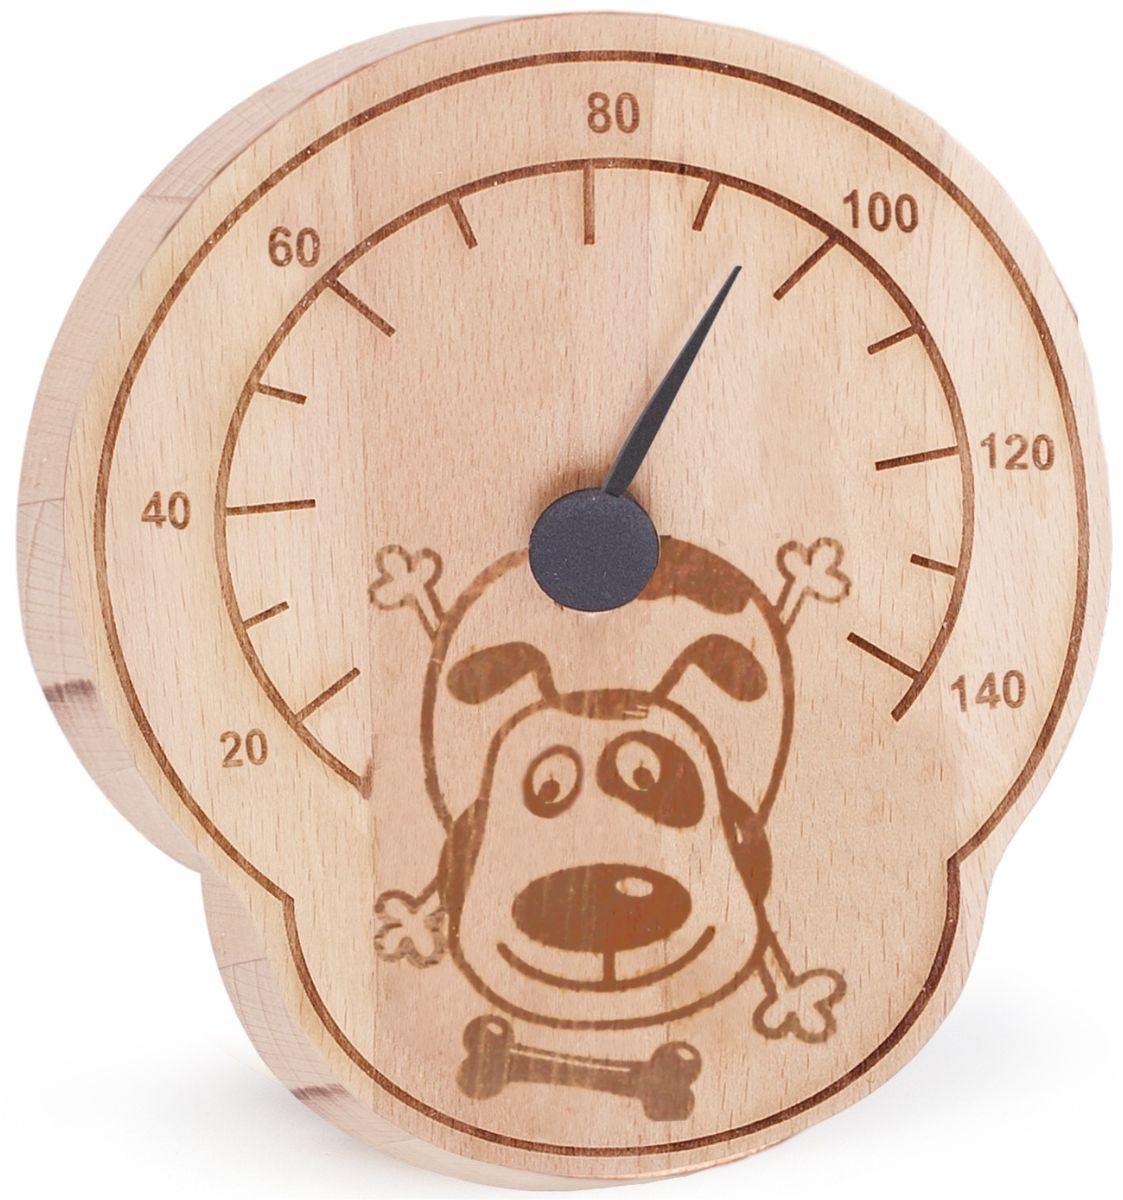 Термометр для бани и сауны Tapio (Тапио). 263263Термометры серии Tapio (Тапио) выполнены из древесины бука, обладающего притягательным розоватым цветом, ее плотность прекрасно переносит перепады температуры, что увеличивает срок службы изделий.Созданные для контроля оптимальной температуры в бане и сауне, они задают стиль банного интерьера.Стрелка механизма меняет настроение озорных персонажей термометров в зависимости от температуры.Максимальная измеряемая температура - 140 градусов. Характеристики: Размер термометра: 13,5 см х 16 см. Материал: дерево, металл. Производитель: Россия. Артикул: 263.